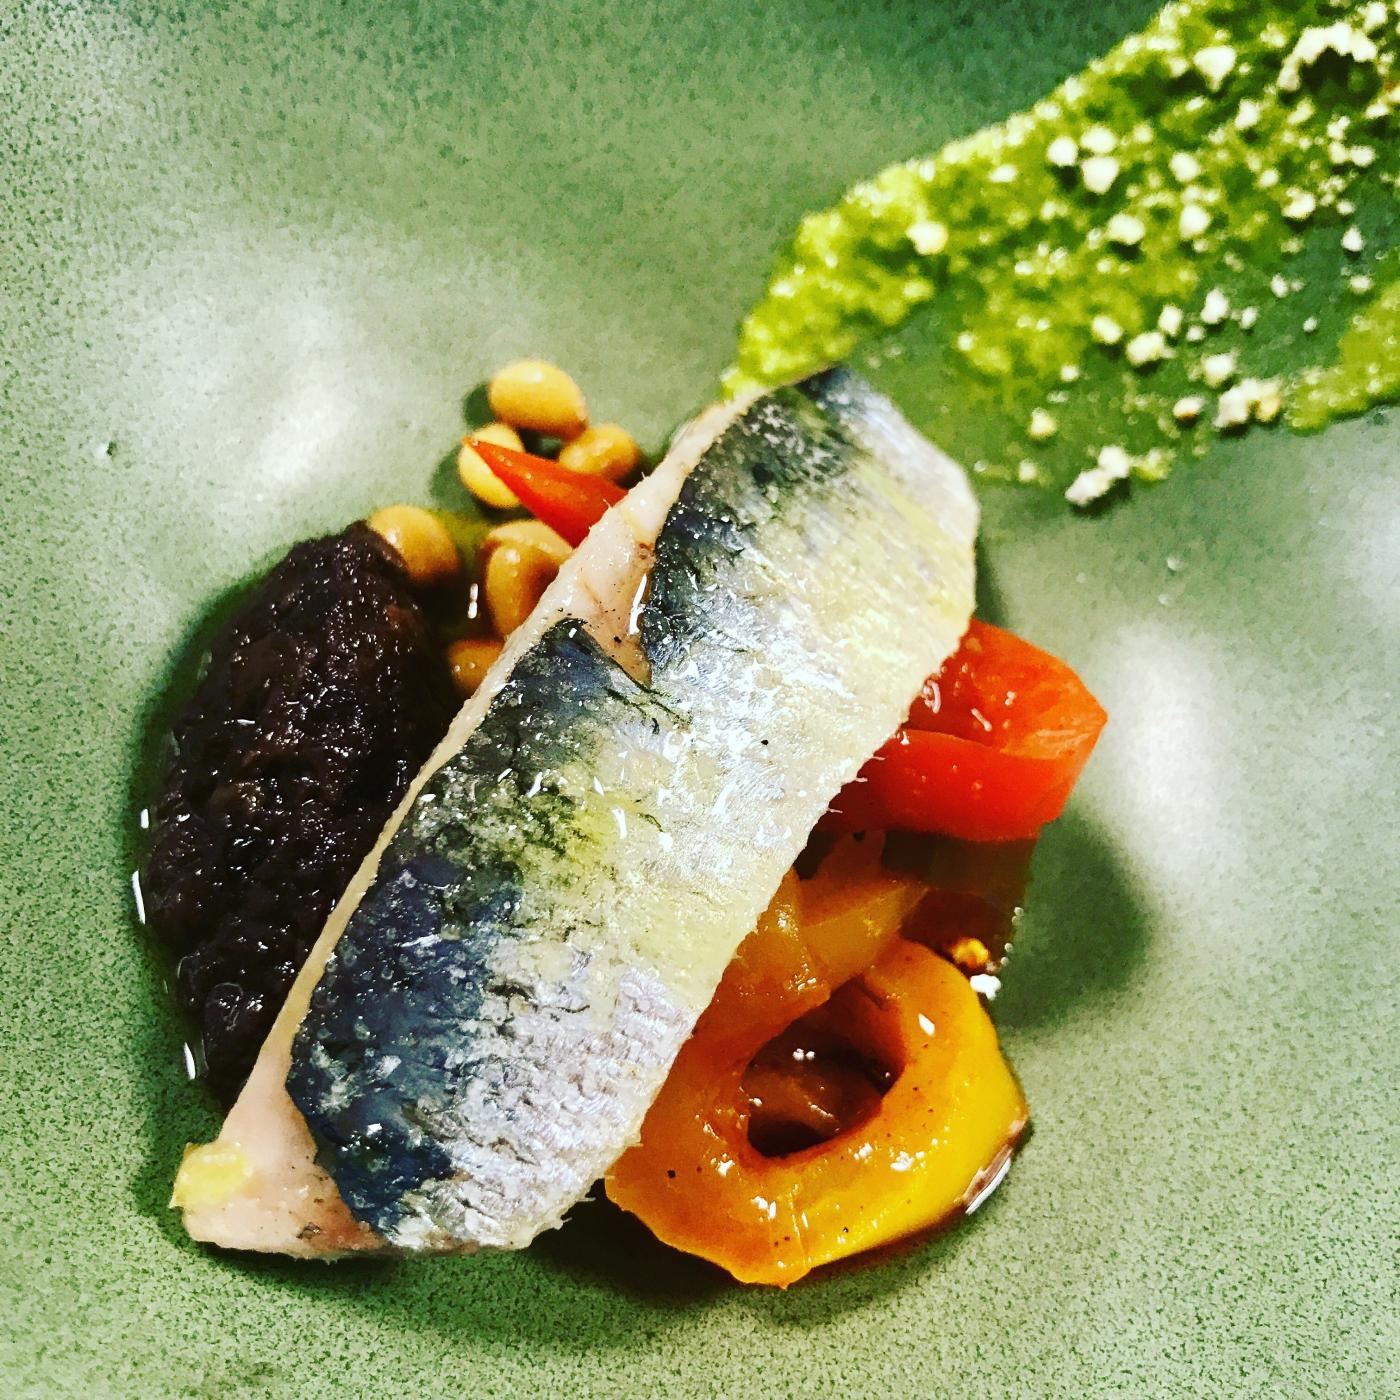 menus-destines-a-surprendre-papilles-des-convives